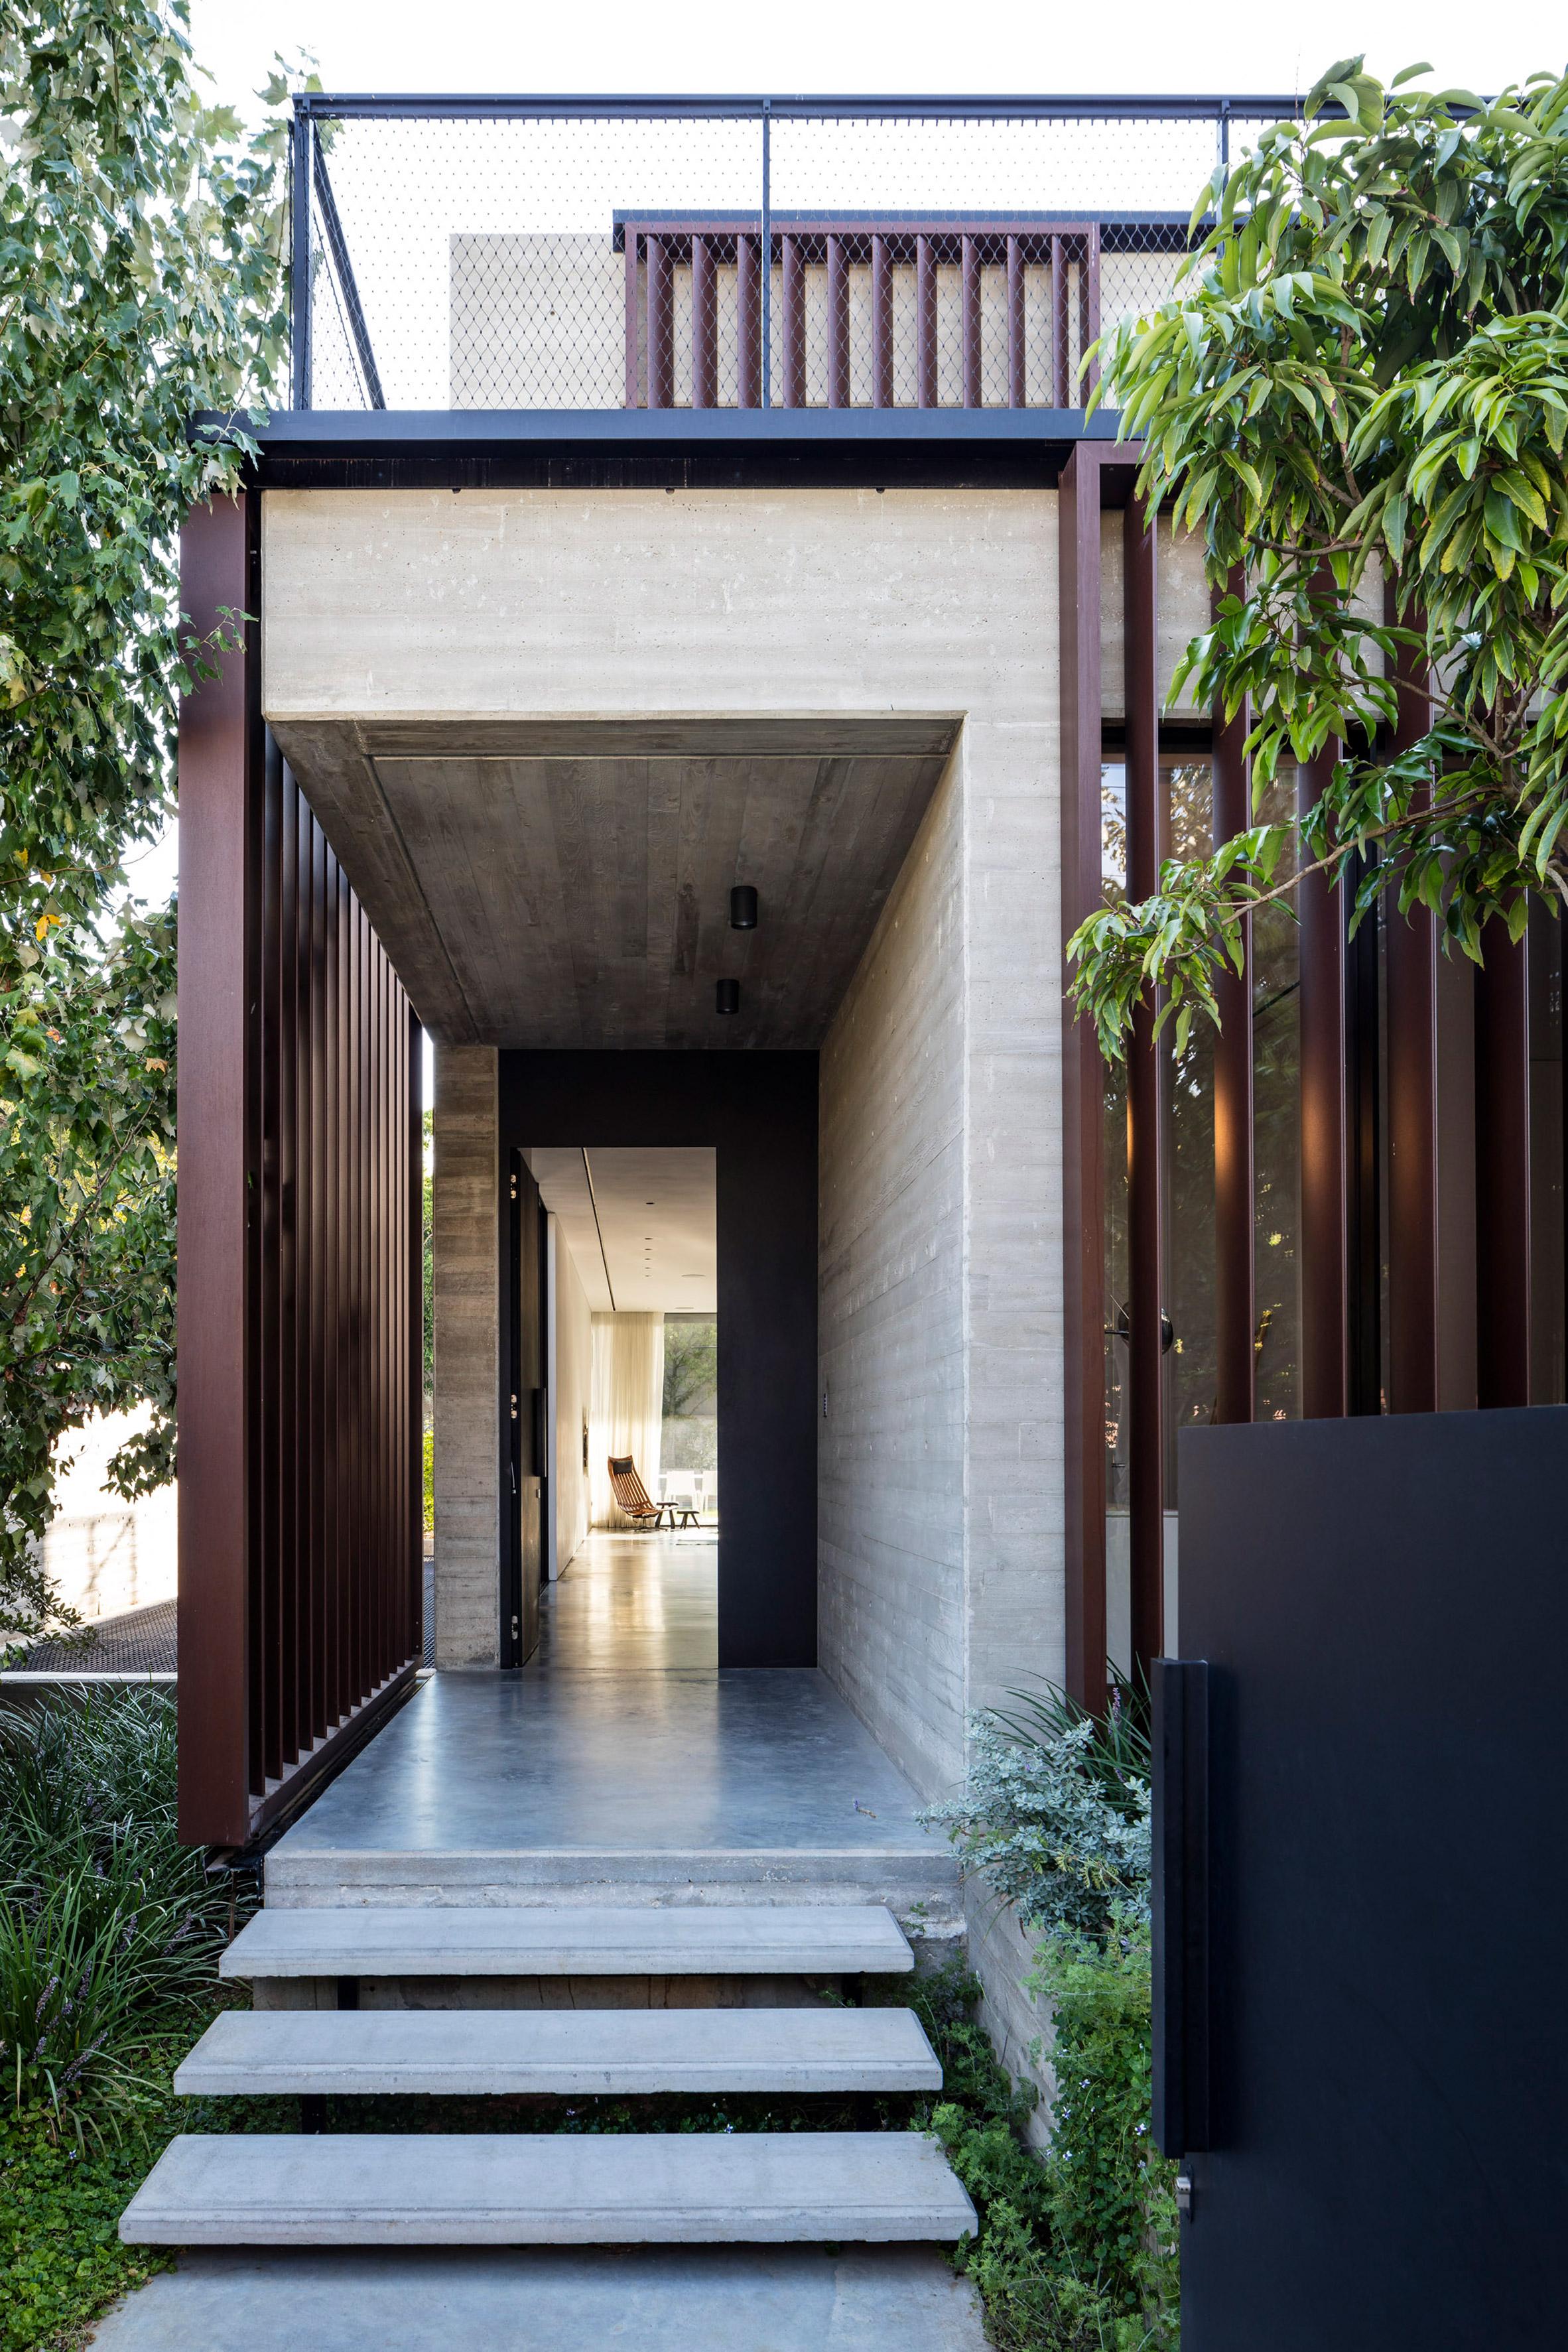 Rumah di Tel Aviv Perpaduan Beton dan Louvre Vertikal yang